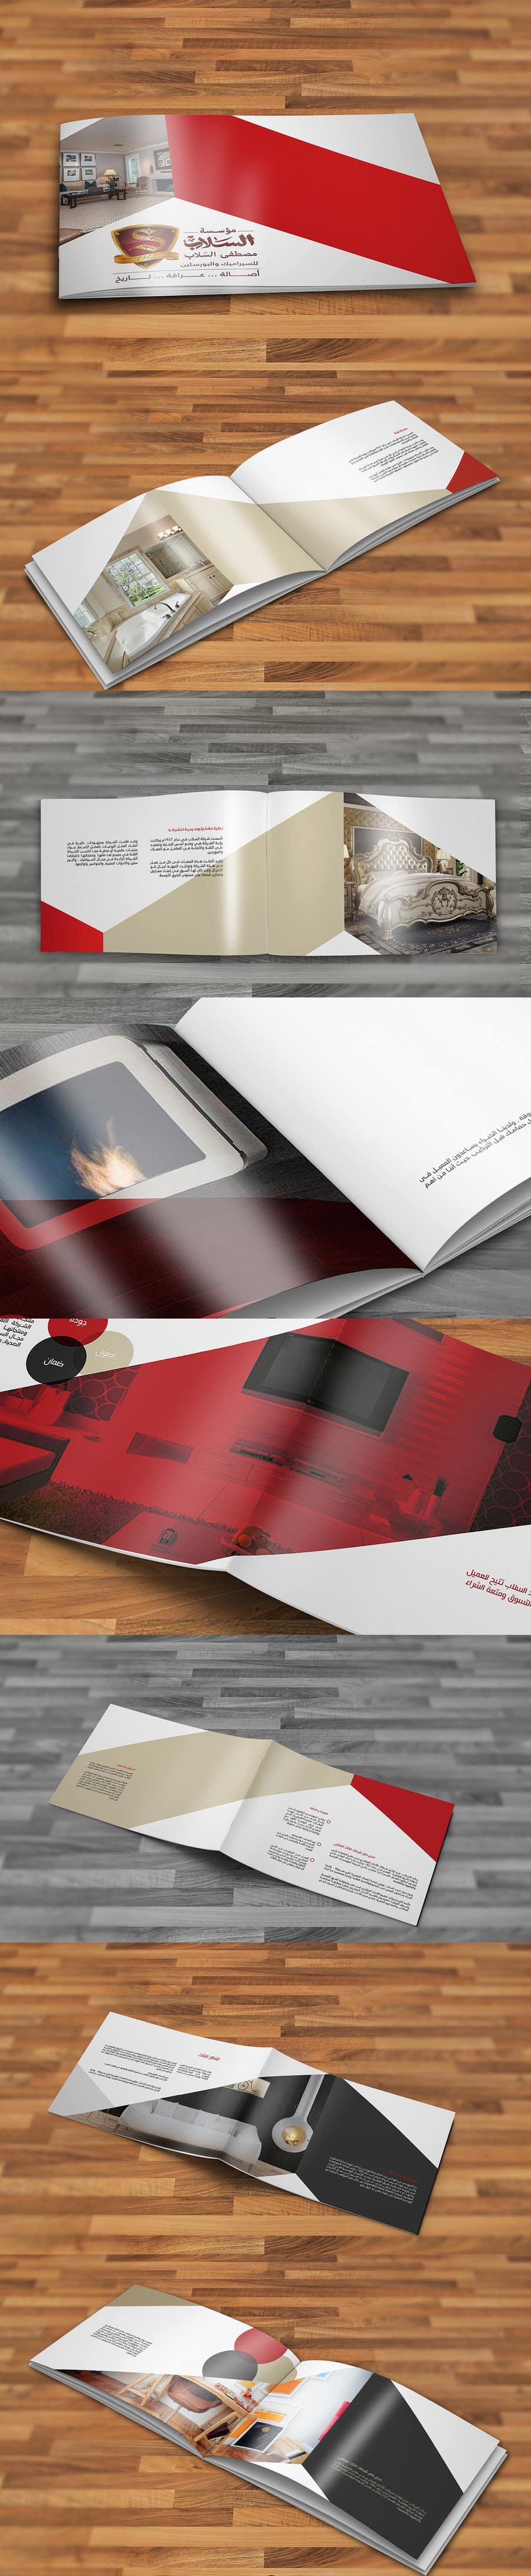 Proposition n°6 du concours Design a Brochure